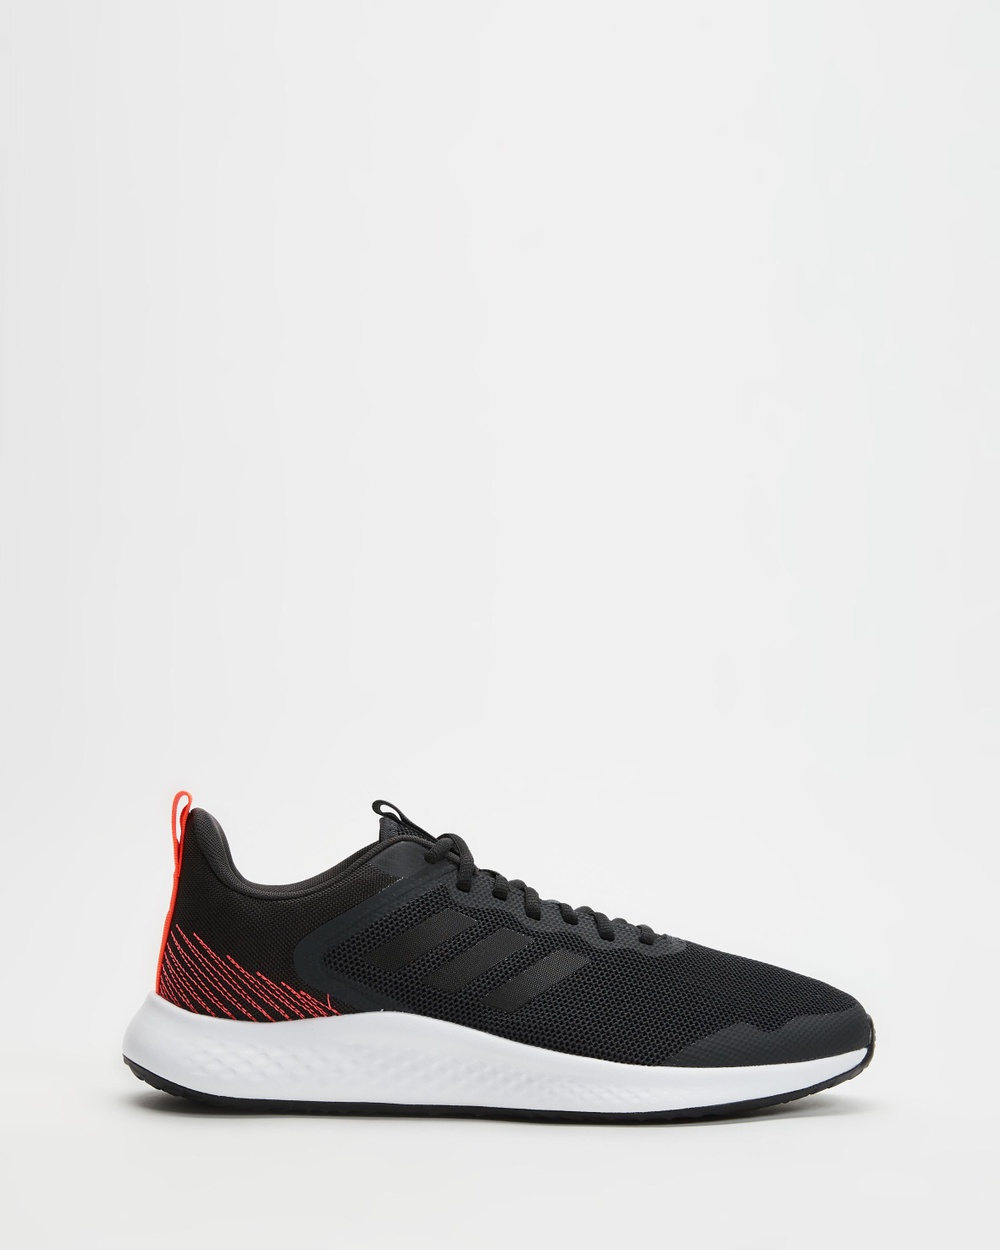 adidas Performance Fluidstreet Men's Shoes Carbon, Core Black & Solar Red